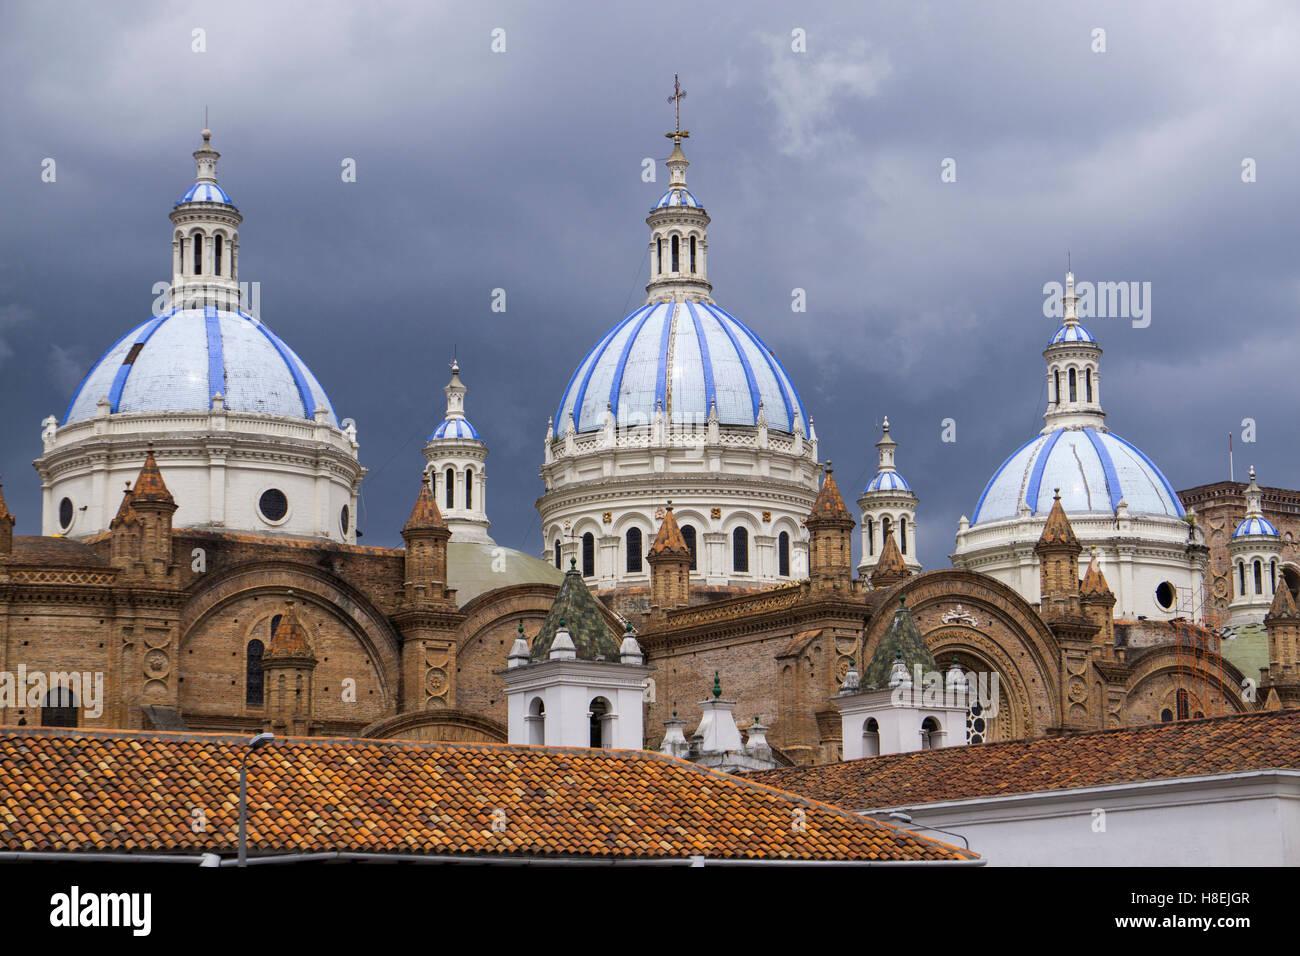 Kathedrale von Cuenca, UNESCO-Weltkulturerbe, Cuenca, Ecuador, Südamerika Stockfoto